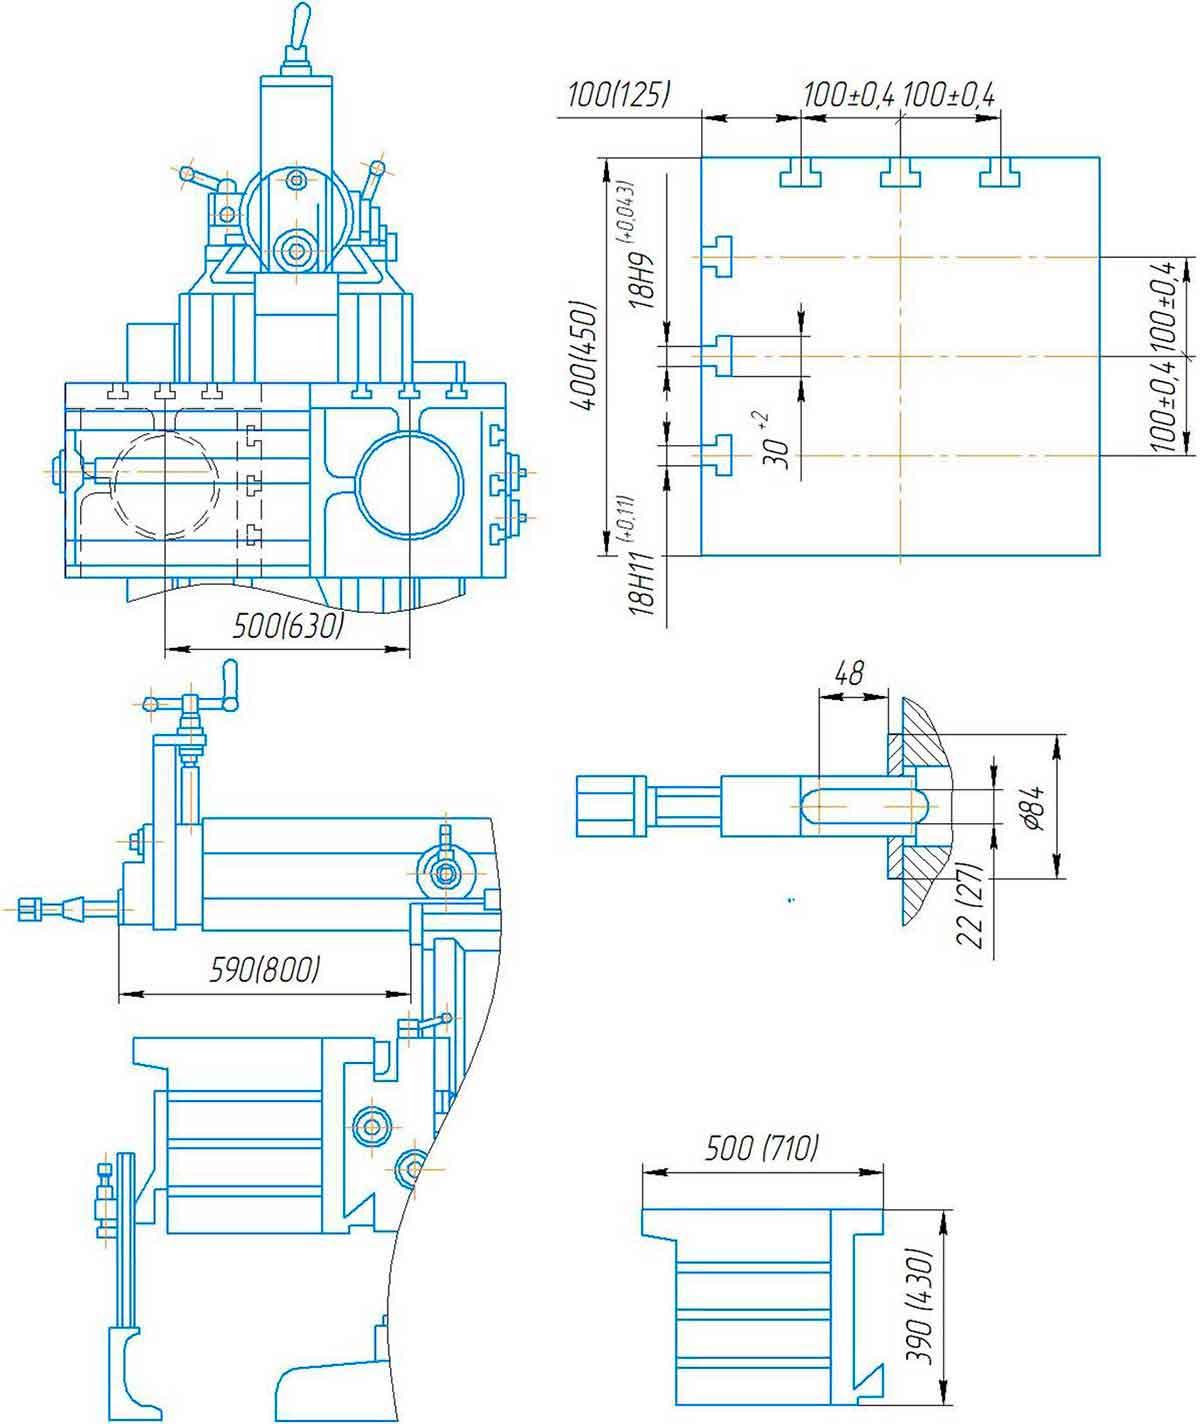 Габаритные размеры поперечно-строгального станка 7305ГТ и присоединительные размеры.